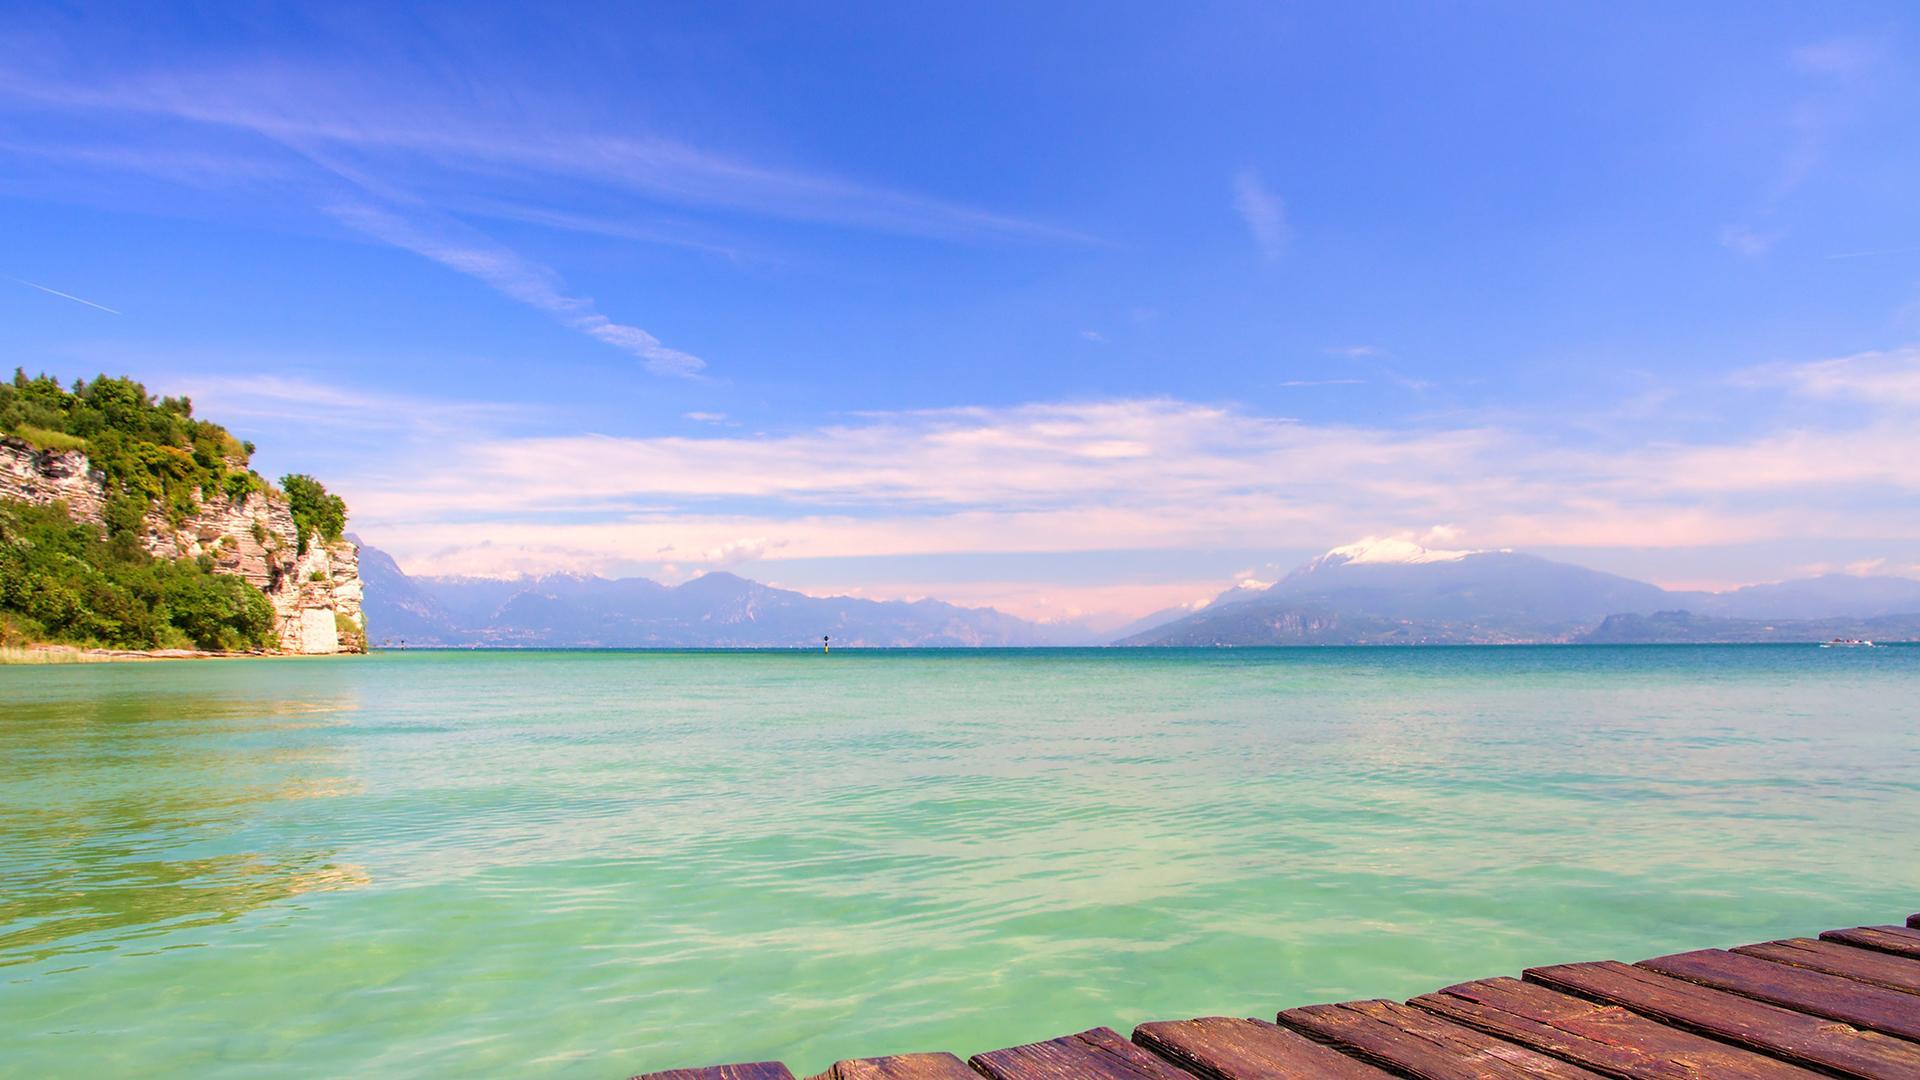 加达湖风景图片桌面壁纸